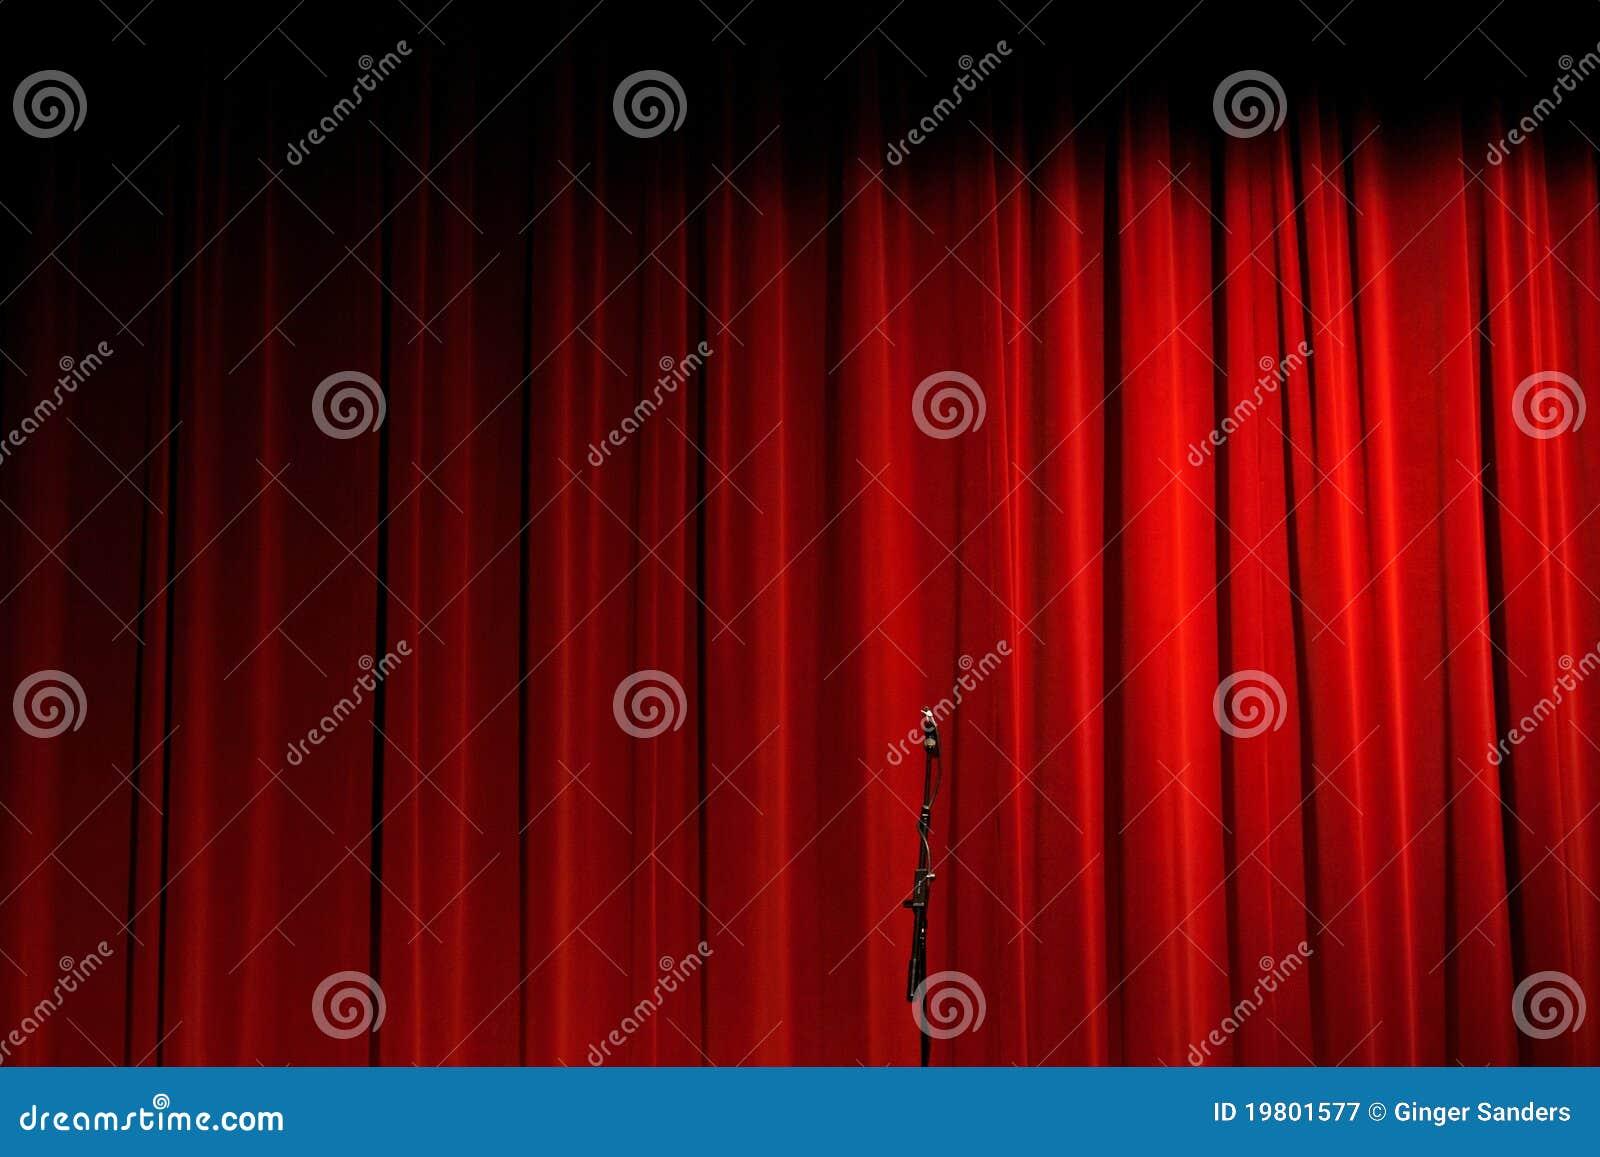 этап красного цвета микрофона занавеса